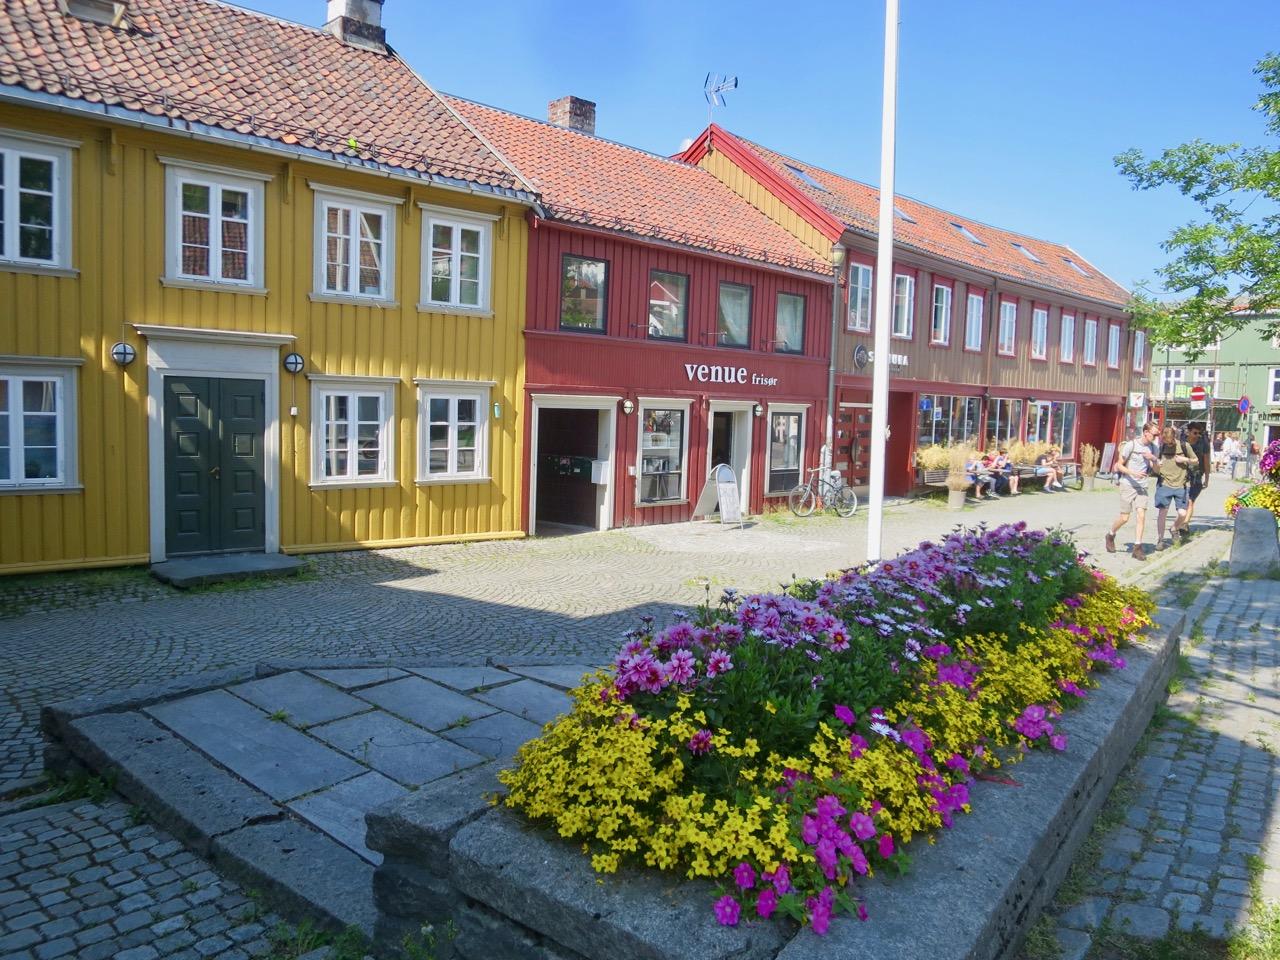 Trondheim 1 26